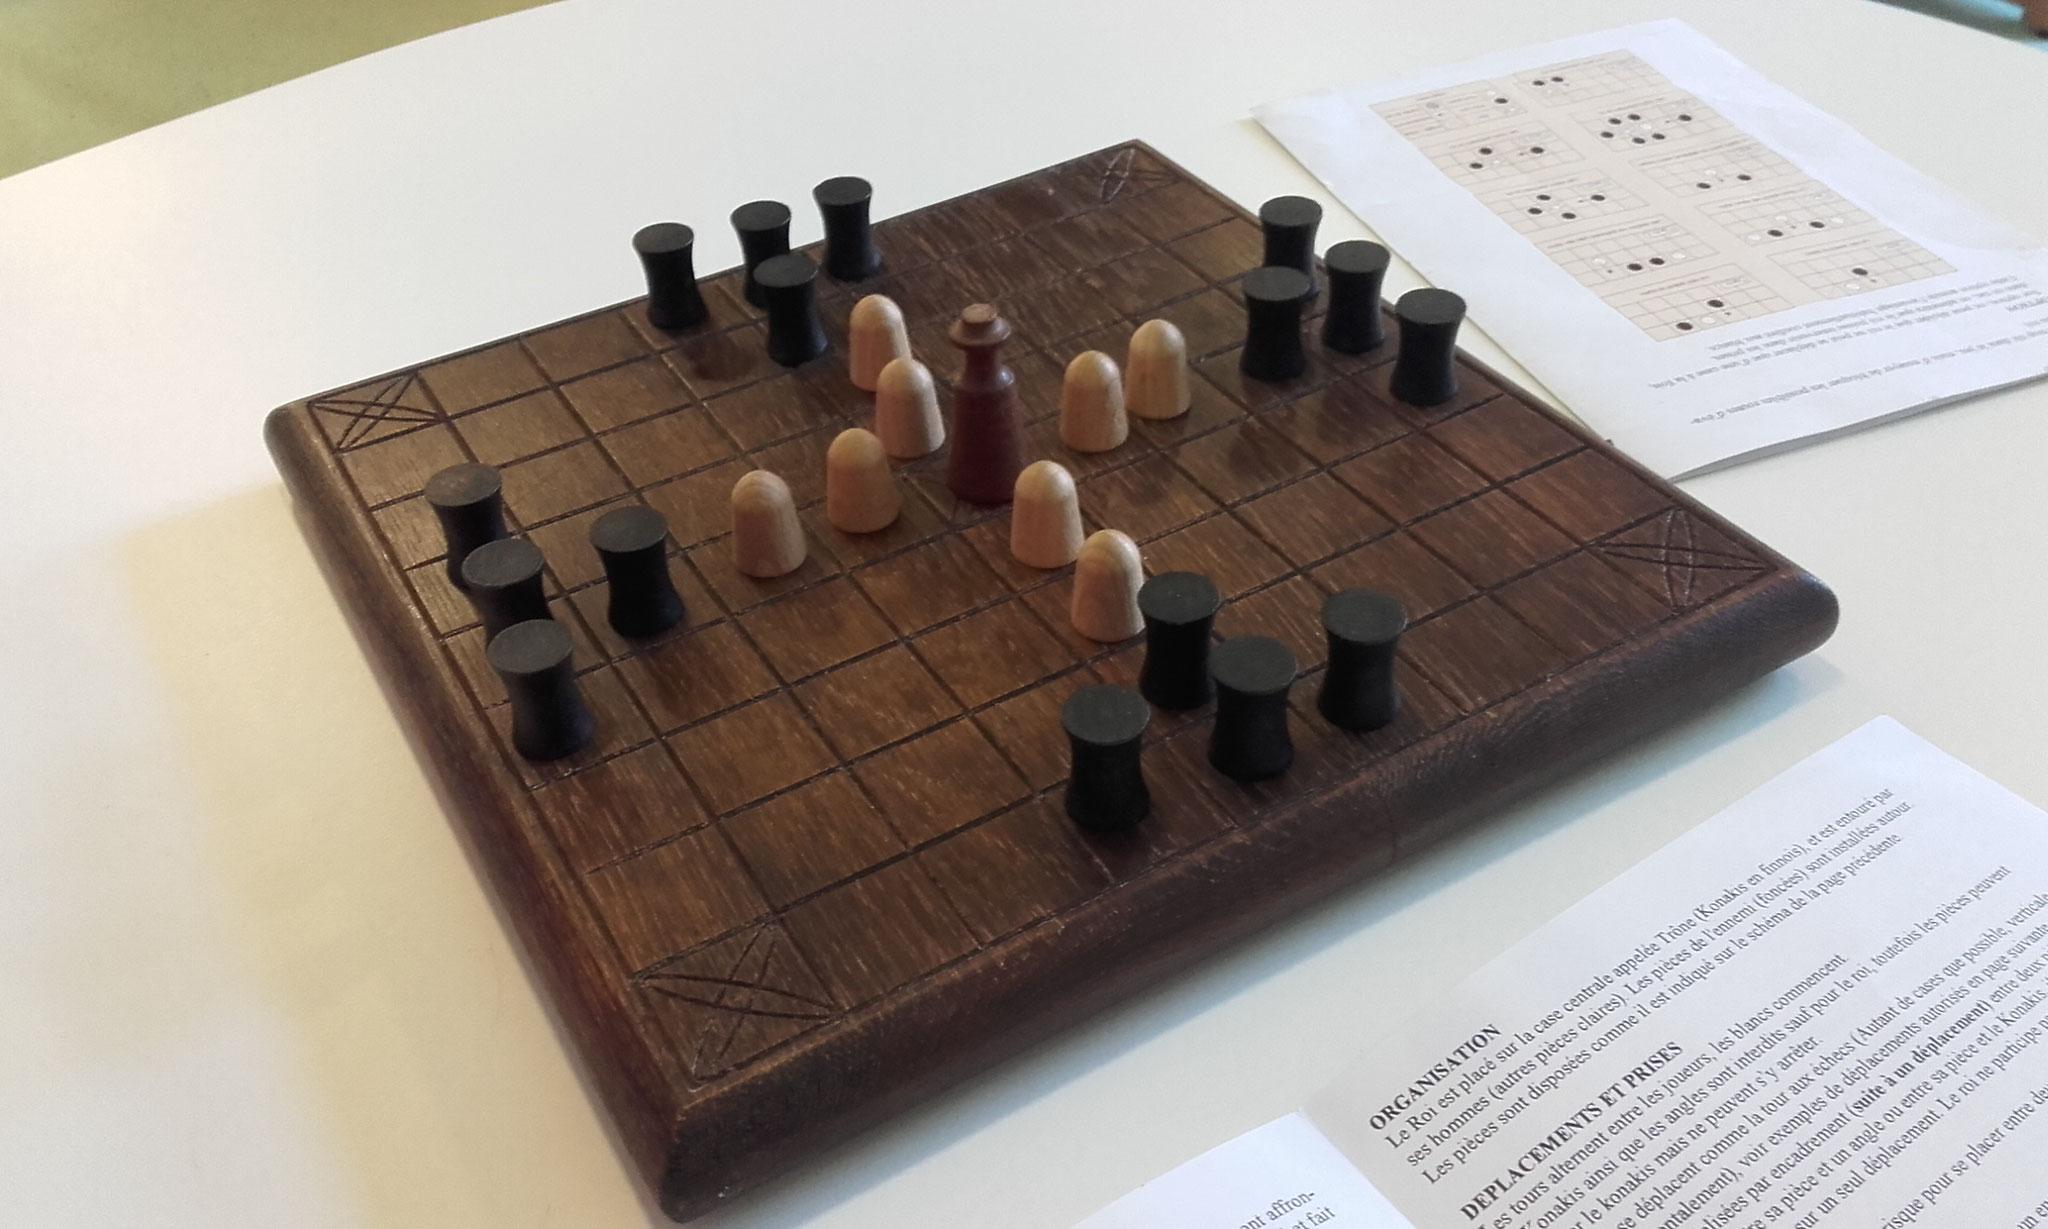 Tablut, un jeu de Tafl